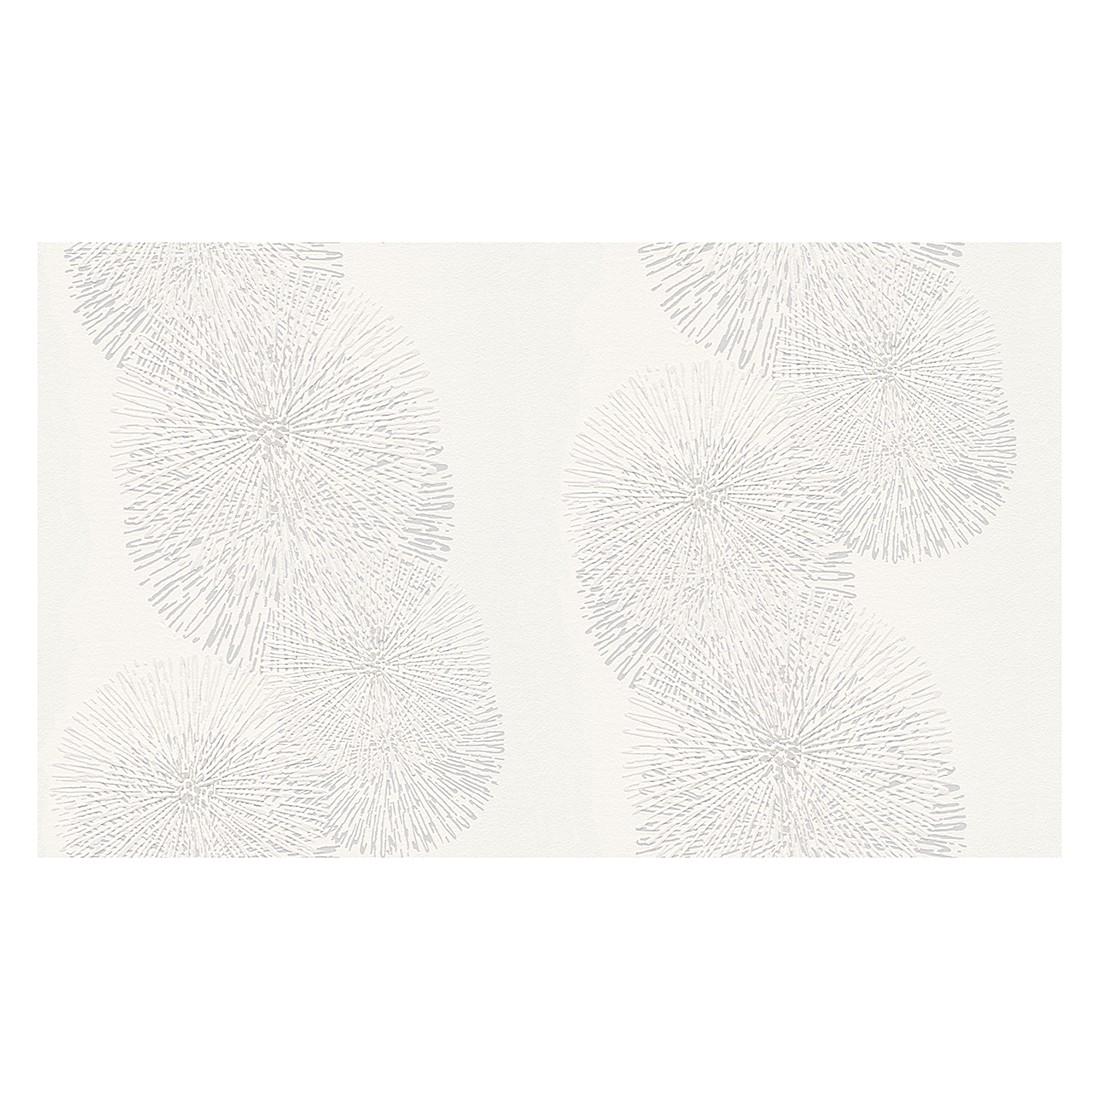 Vliestapete Schöner Wohnen – signalweiß, silberfarben – fein strukturiert – glatt – Modell 1, Schöner Wohnen Kollektion bestellen